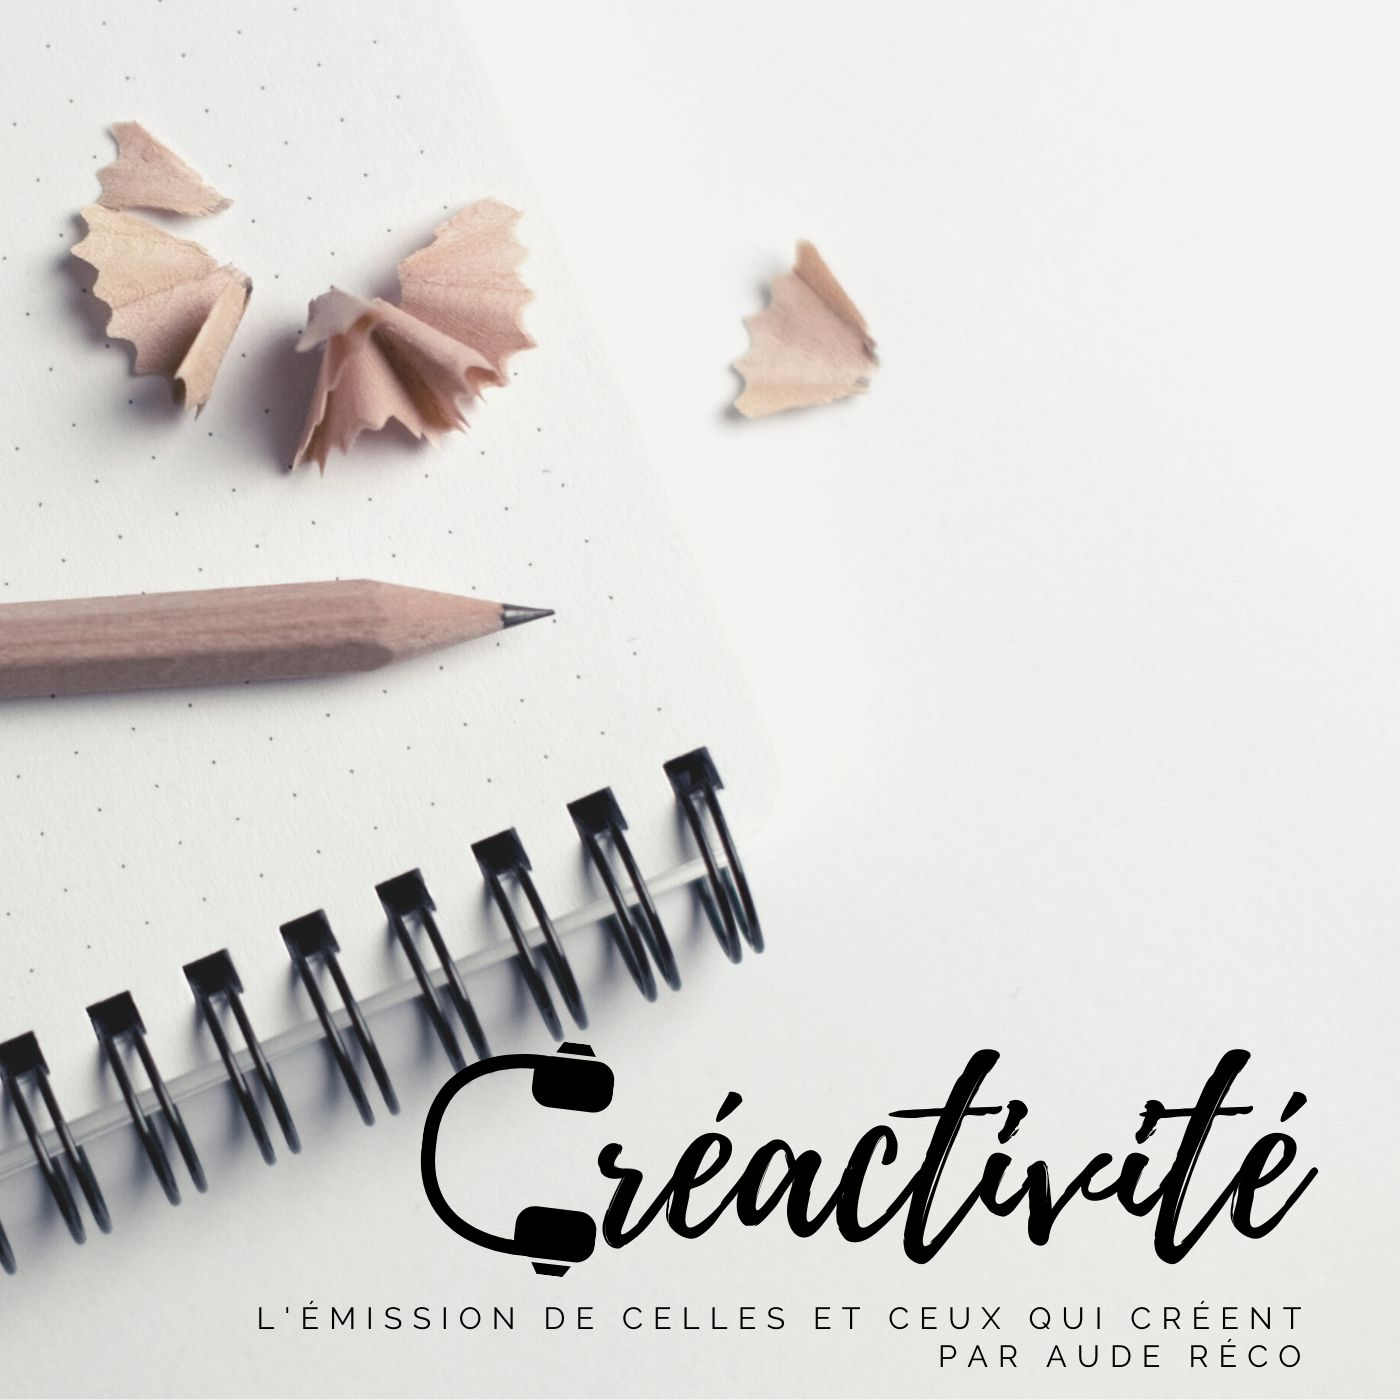 Créactivité : le podcast de celles et ceux qui créent | Aude Réco